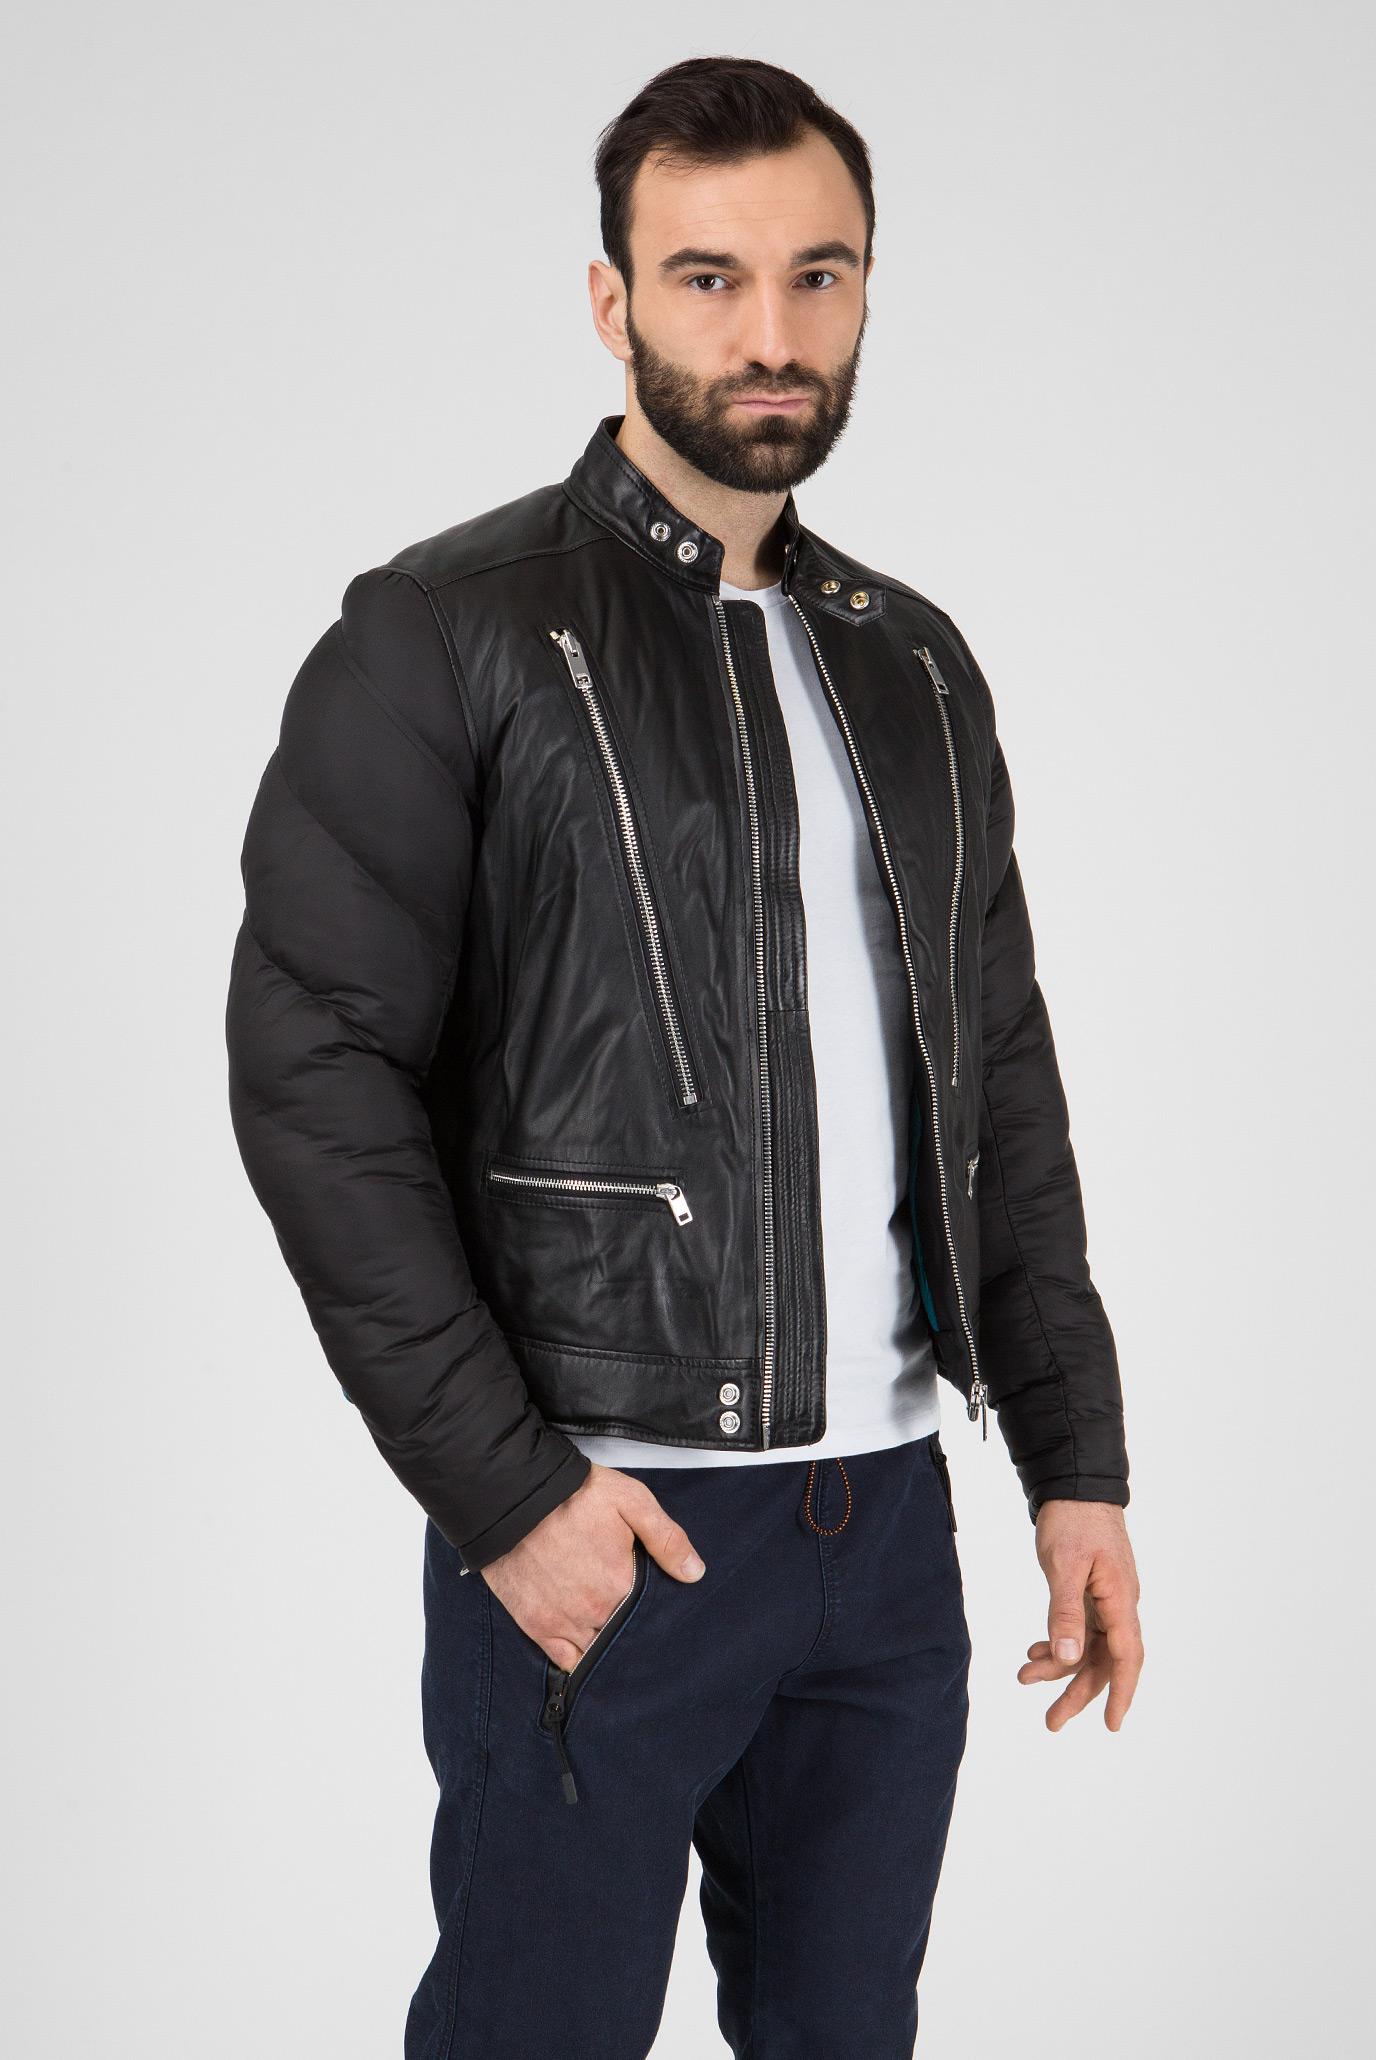 Купить Мужская черная куртка L-WINTER GIACCA Diesel Diesel 00SIFT 0DATW – Киев, Украина. Цены в интернет магазине MD Fashion